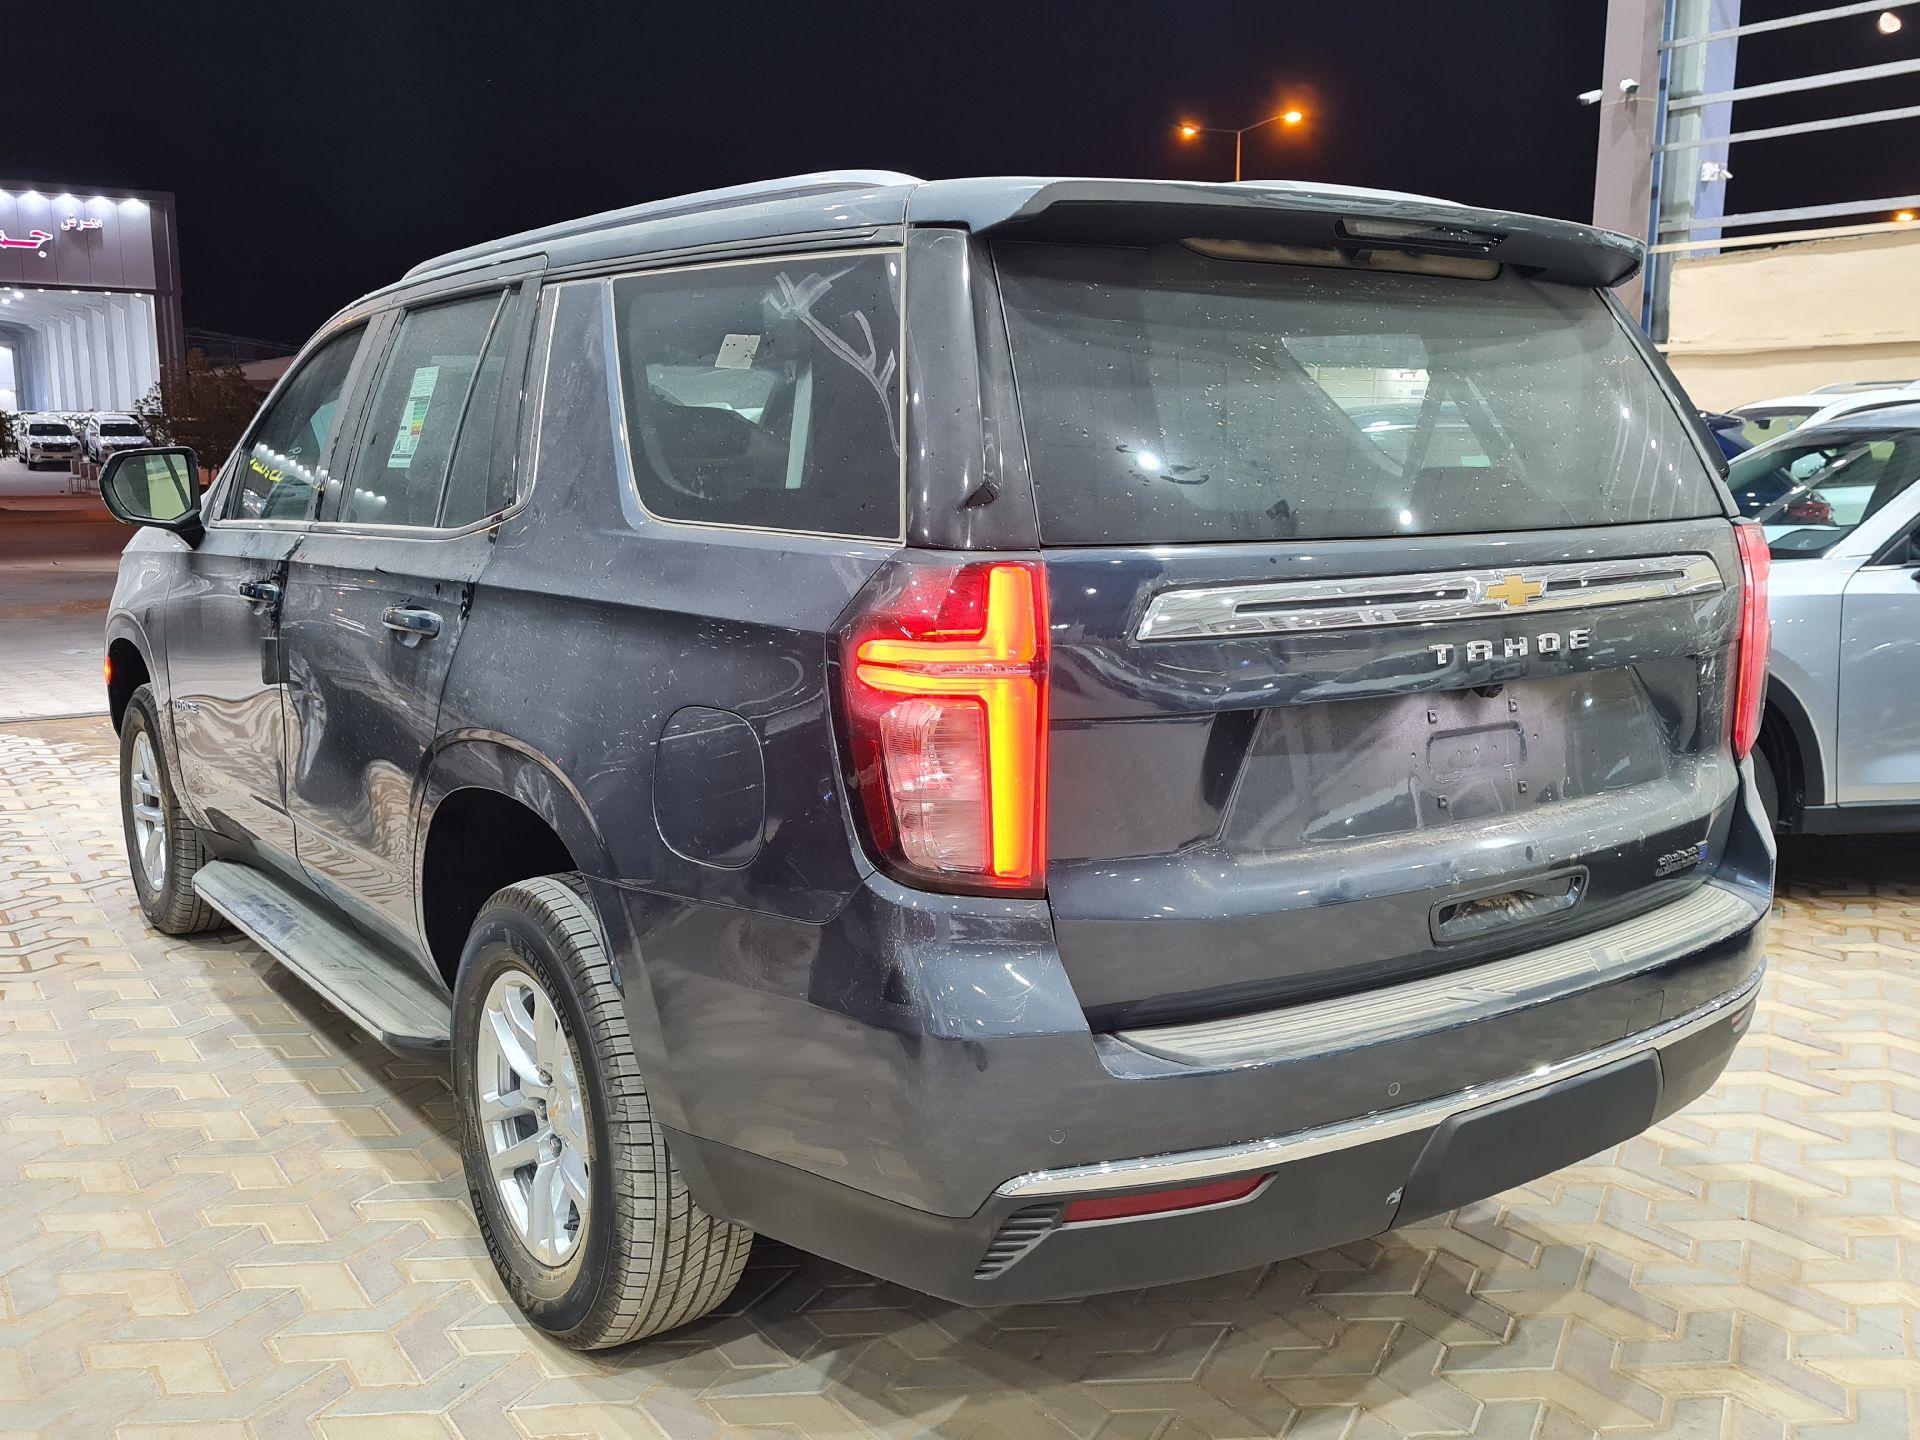 شفروليه تاهو LS ستاندر  2021 سعودي جديد للبيع في الرياض - السعودية - صورة كبيرة - 4